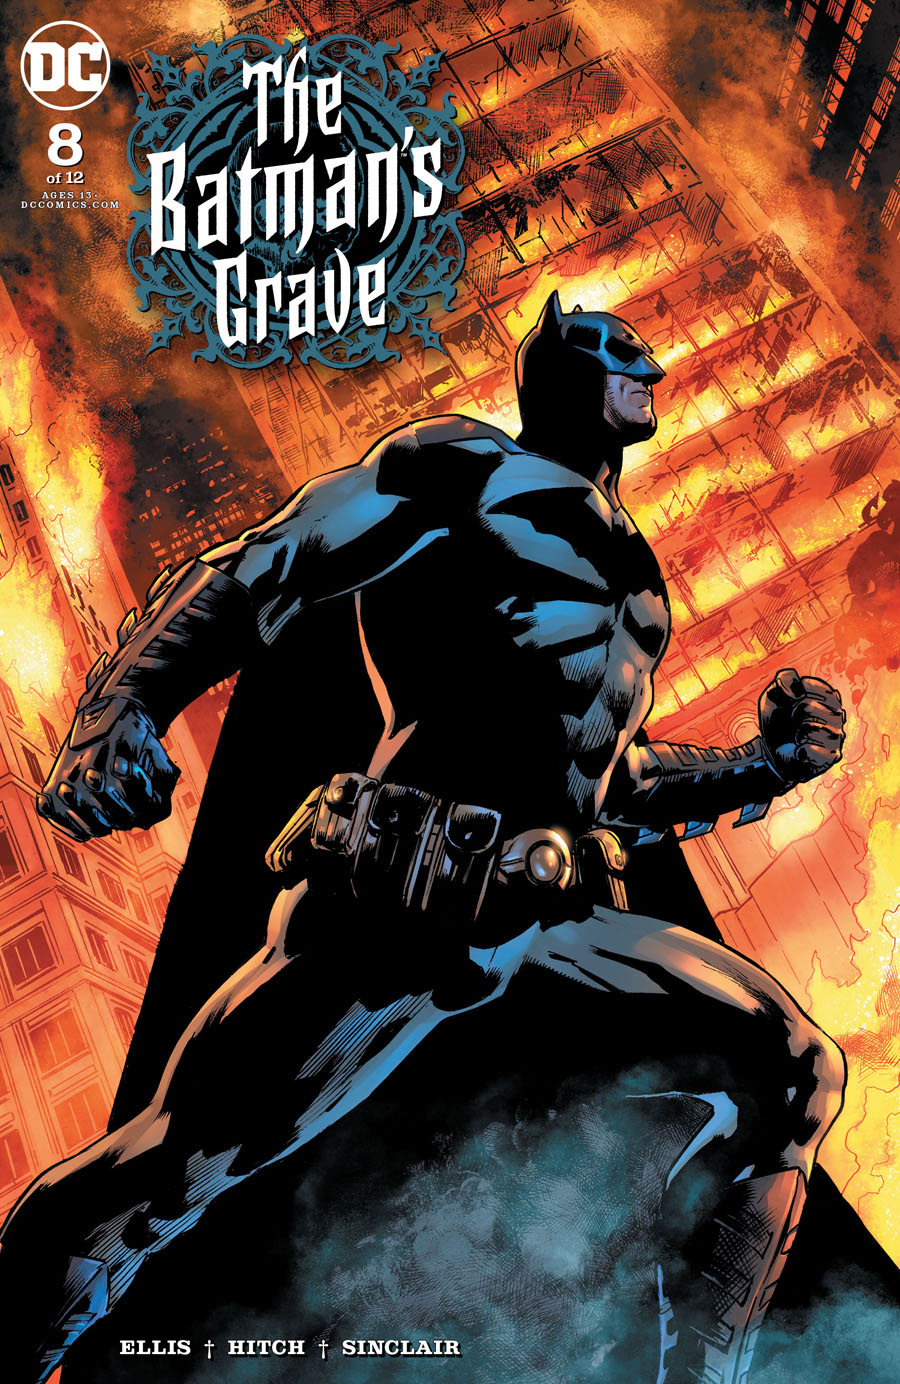 The Batman's Grave #8